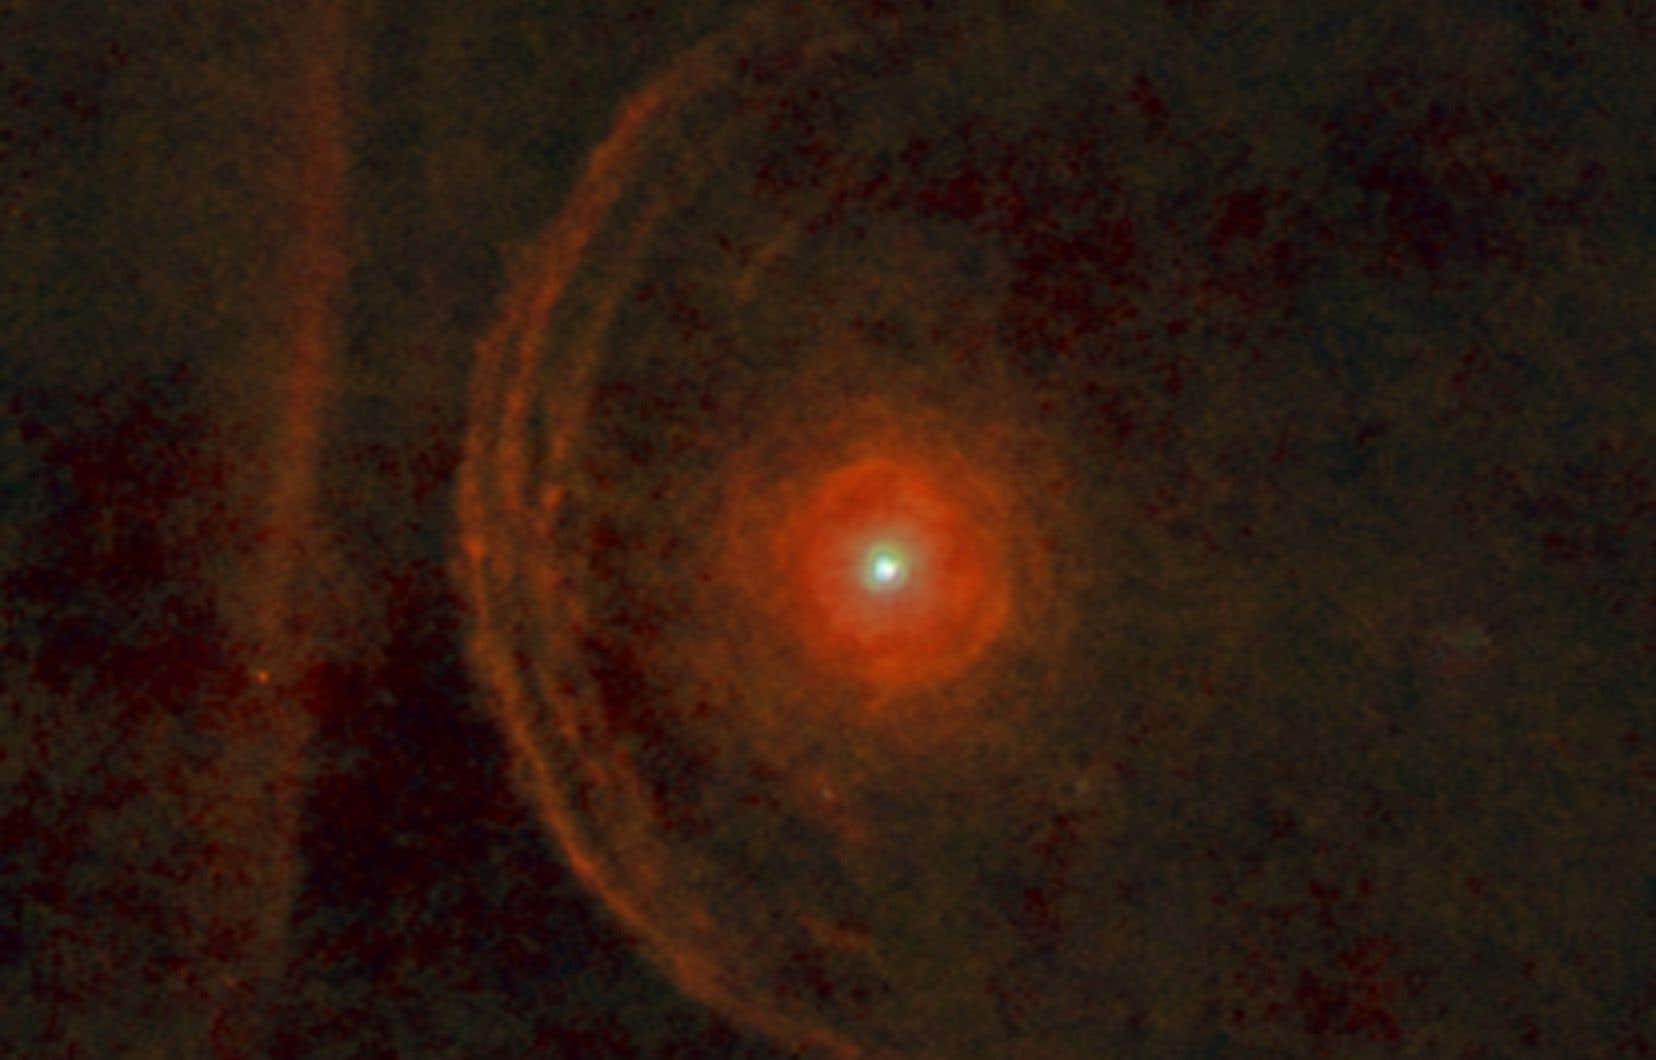 L'étoile «supergéante rouge» Bételgeuse vue à partir de l'Observatoire spatial Herschel